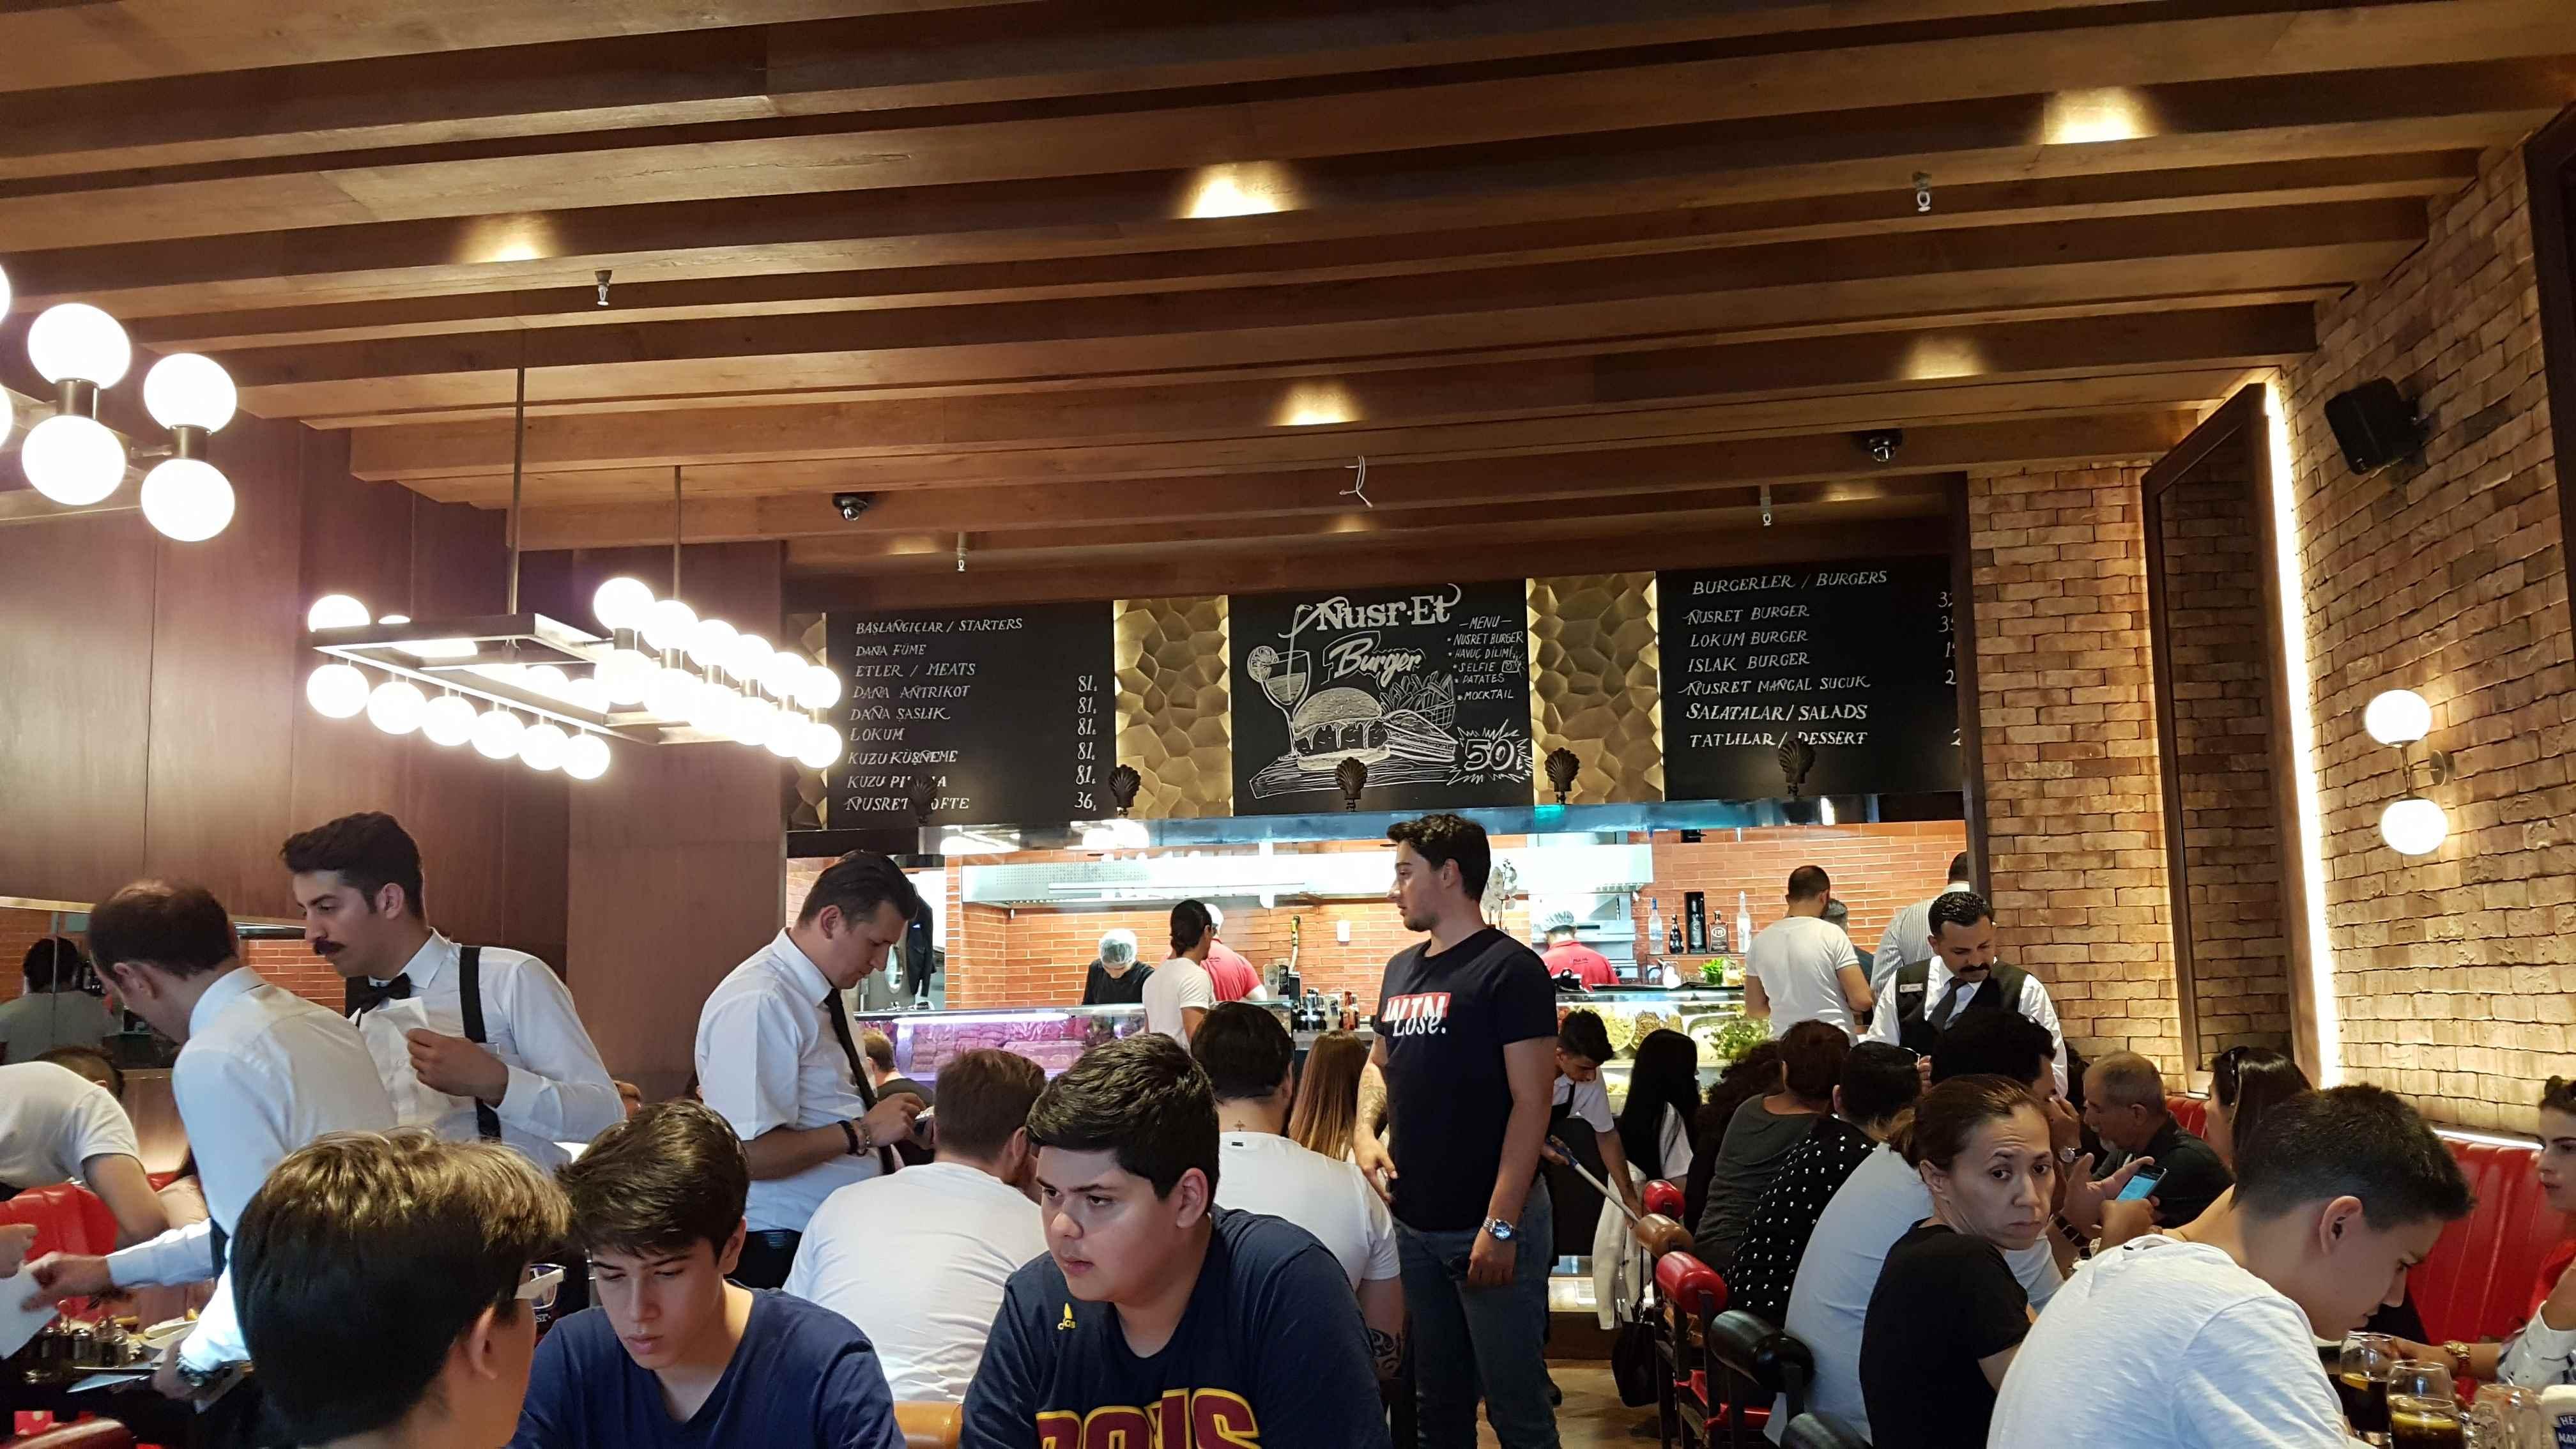 yesempatik-nusret-burger-kanyon-saltbae-mekan-istanbul